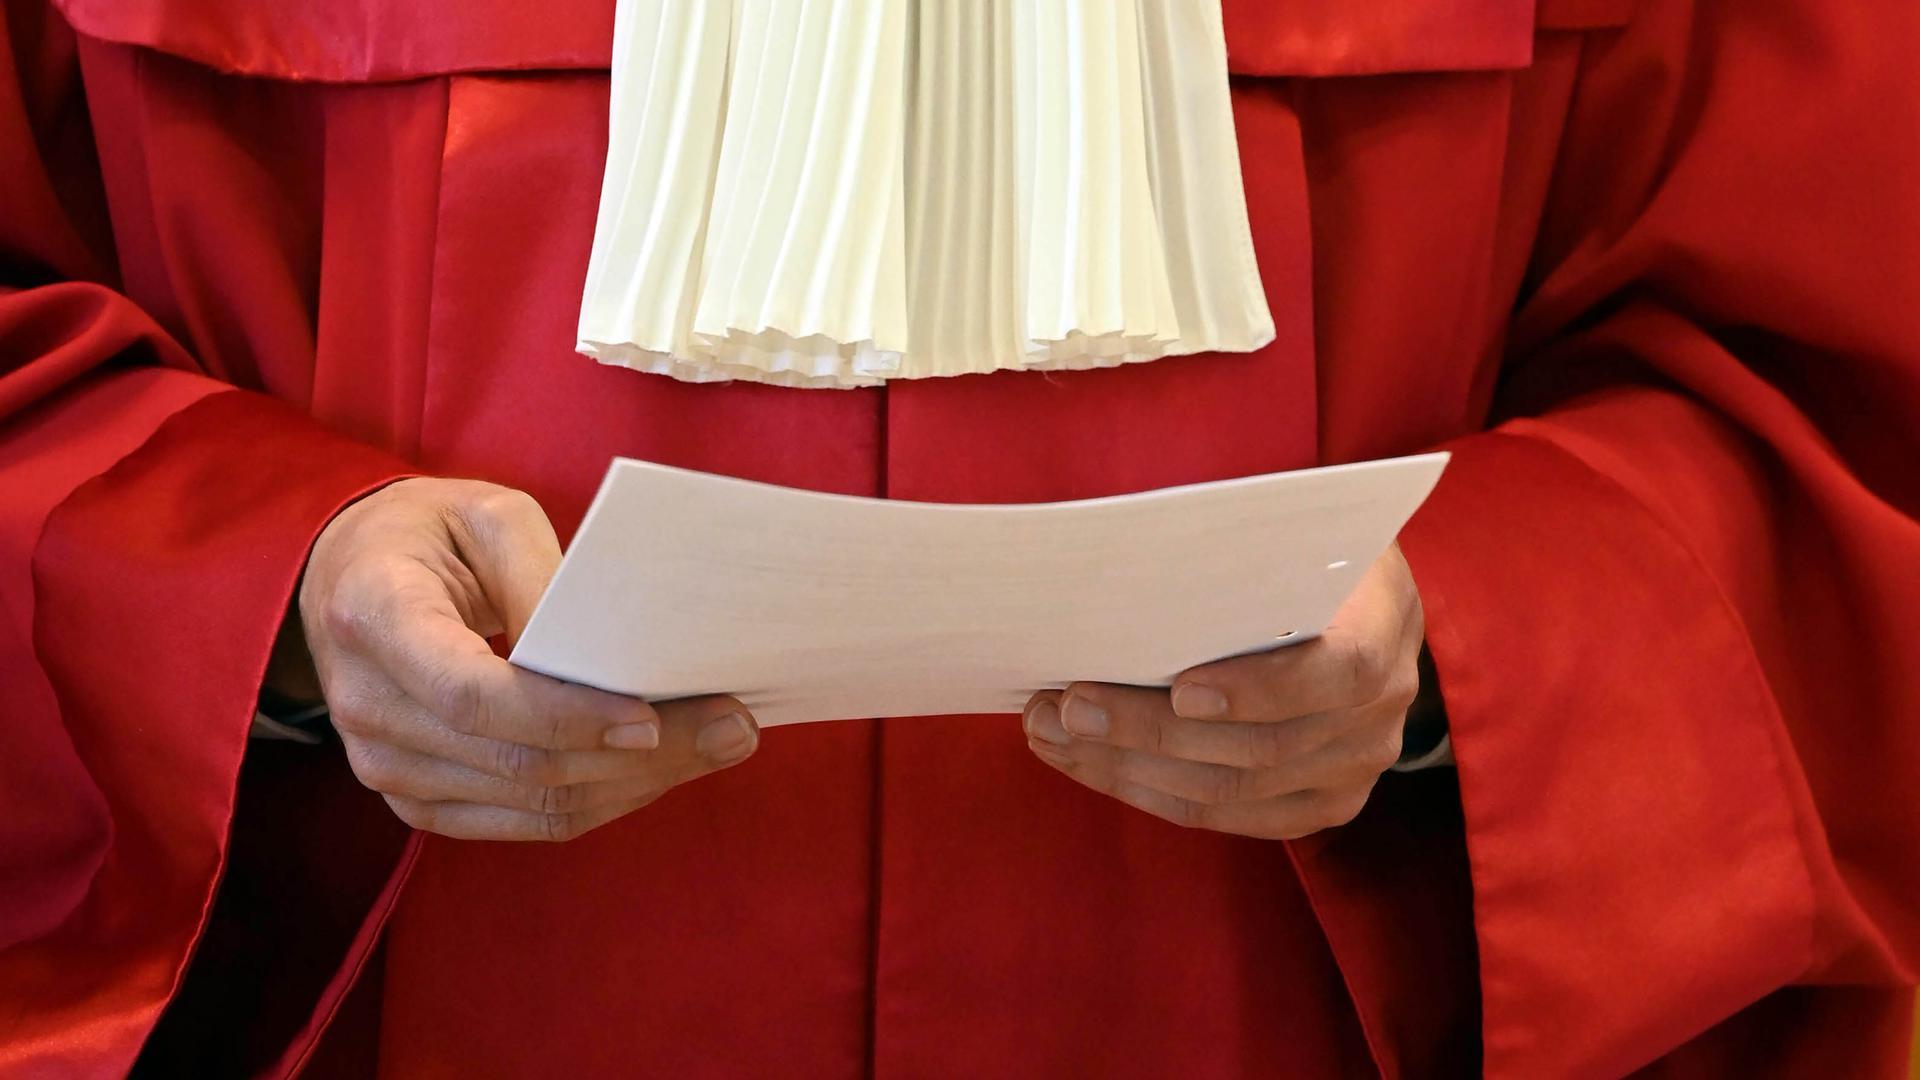 Die roten Roben sind das Markenzeichen der Bundesverfassungsrichter. Das Gericht war 1951 eröffnet worden und hat seither die Aufgabe, die Verfassung zu hüten.